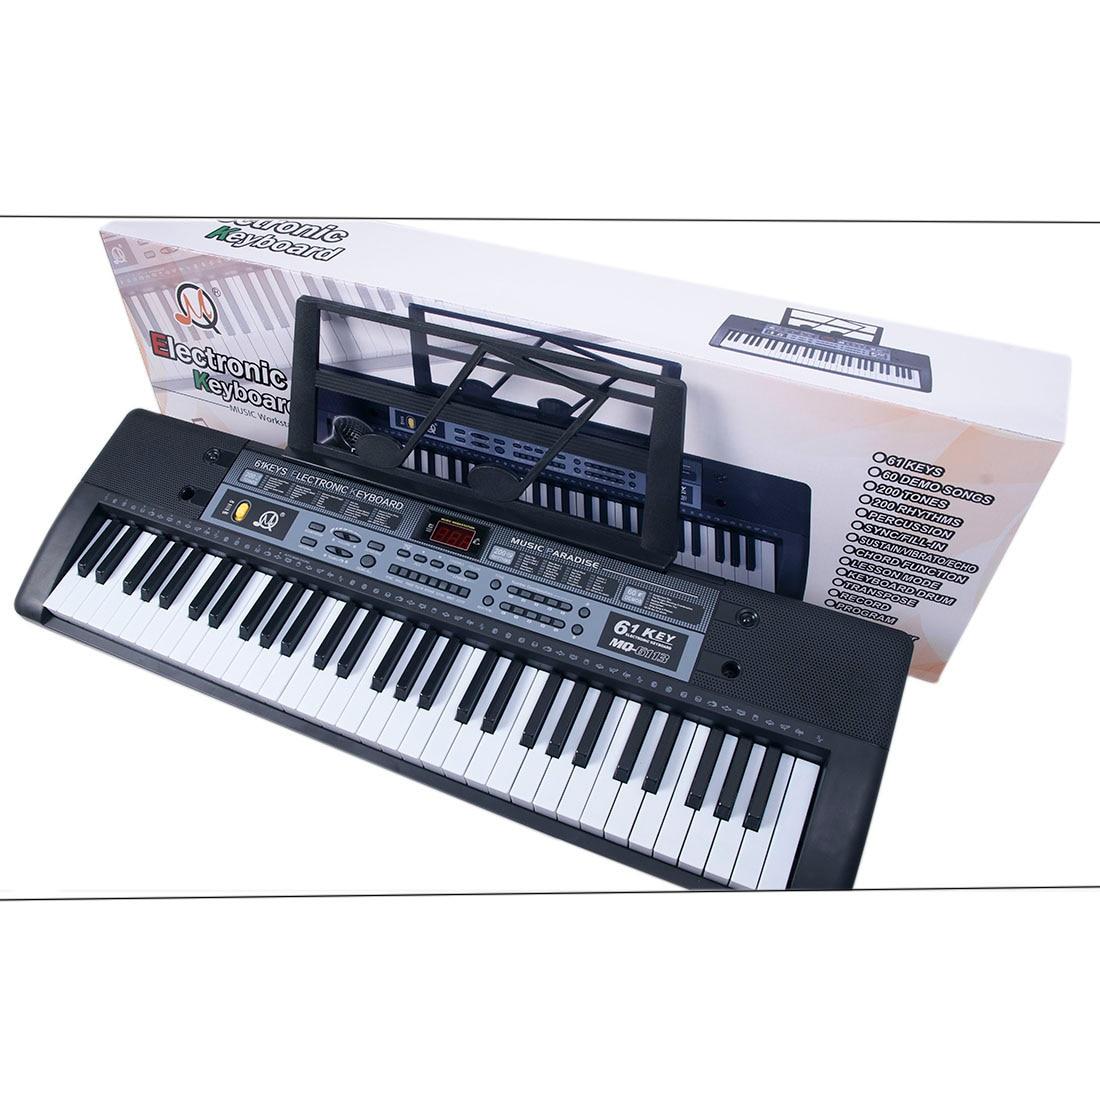 teclado eletrônico placa chave piano elétrico com